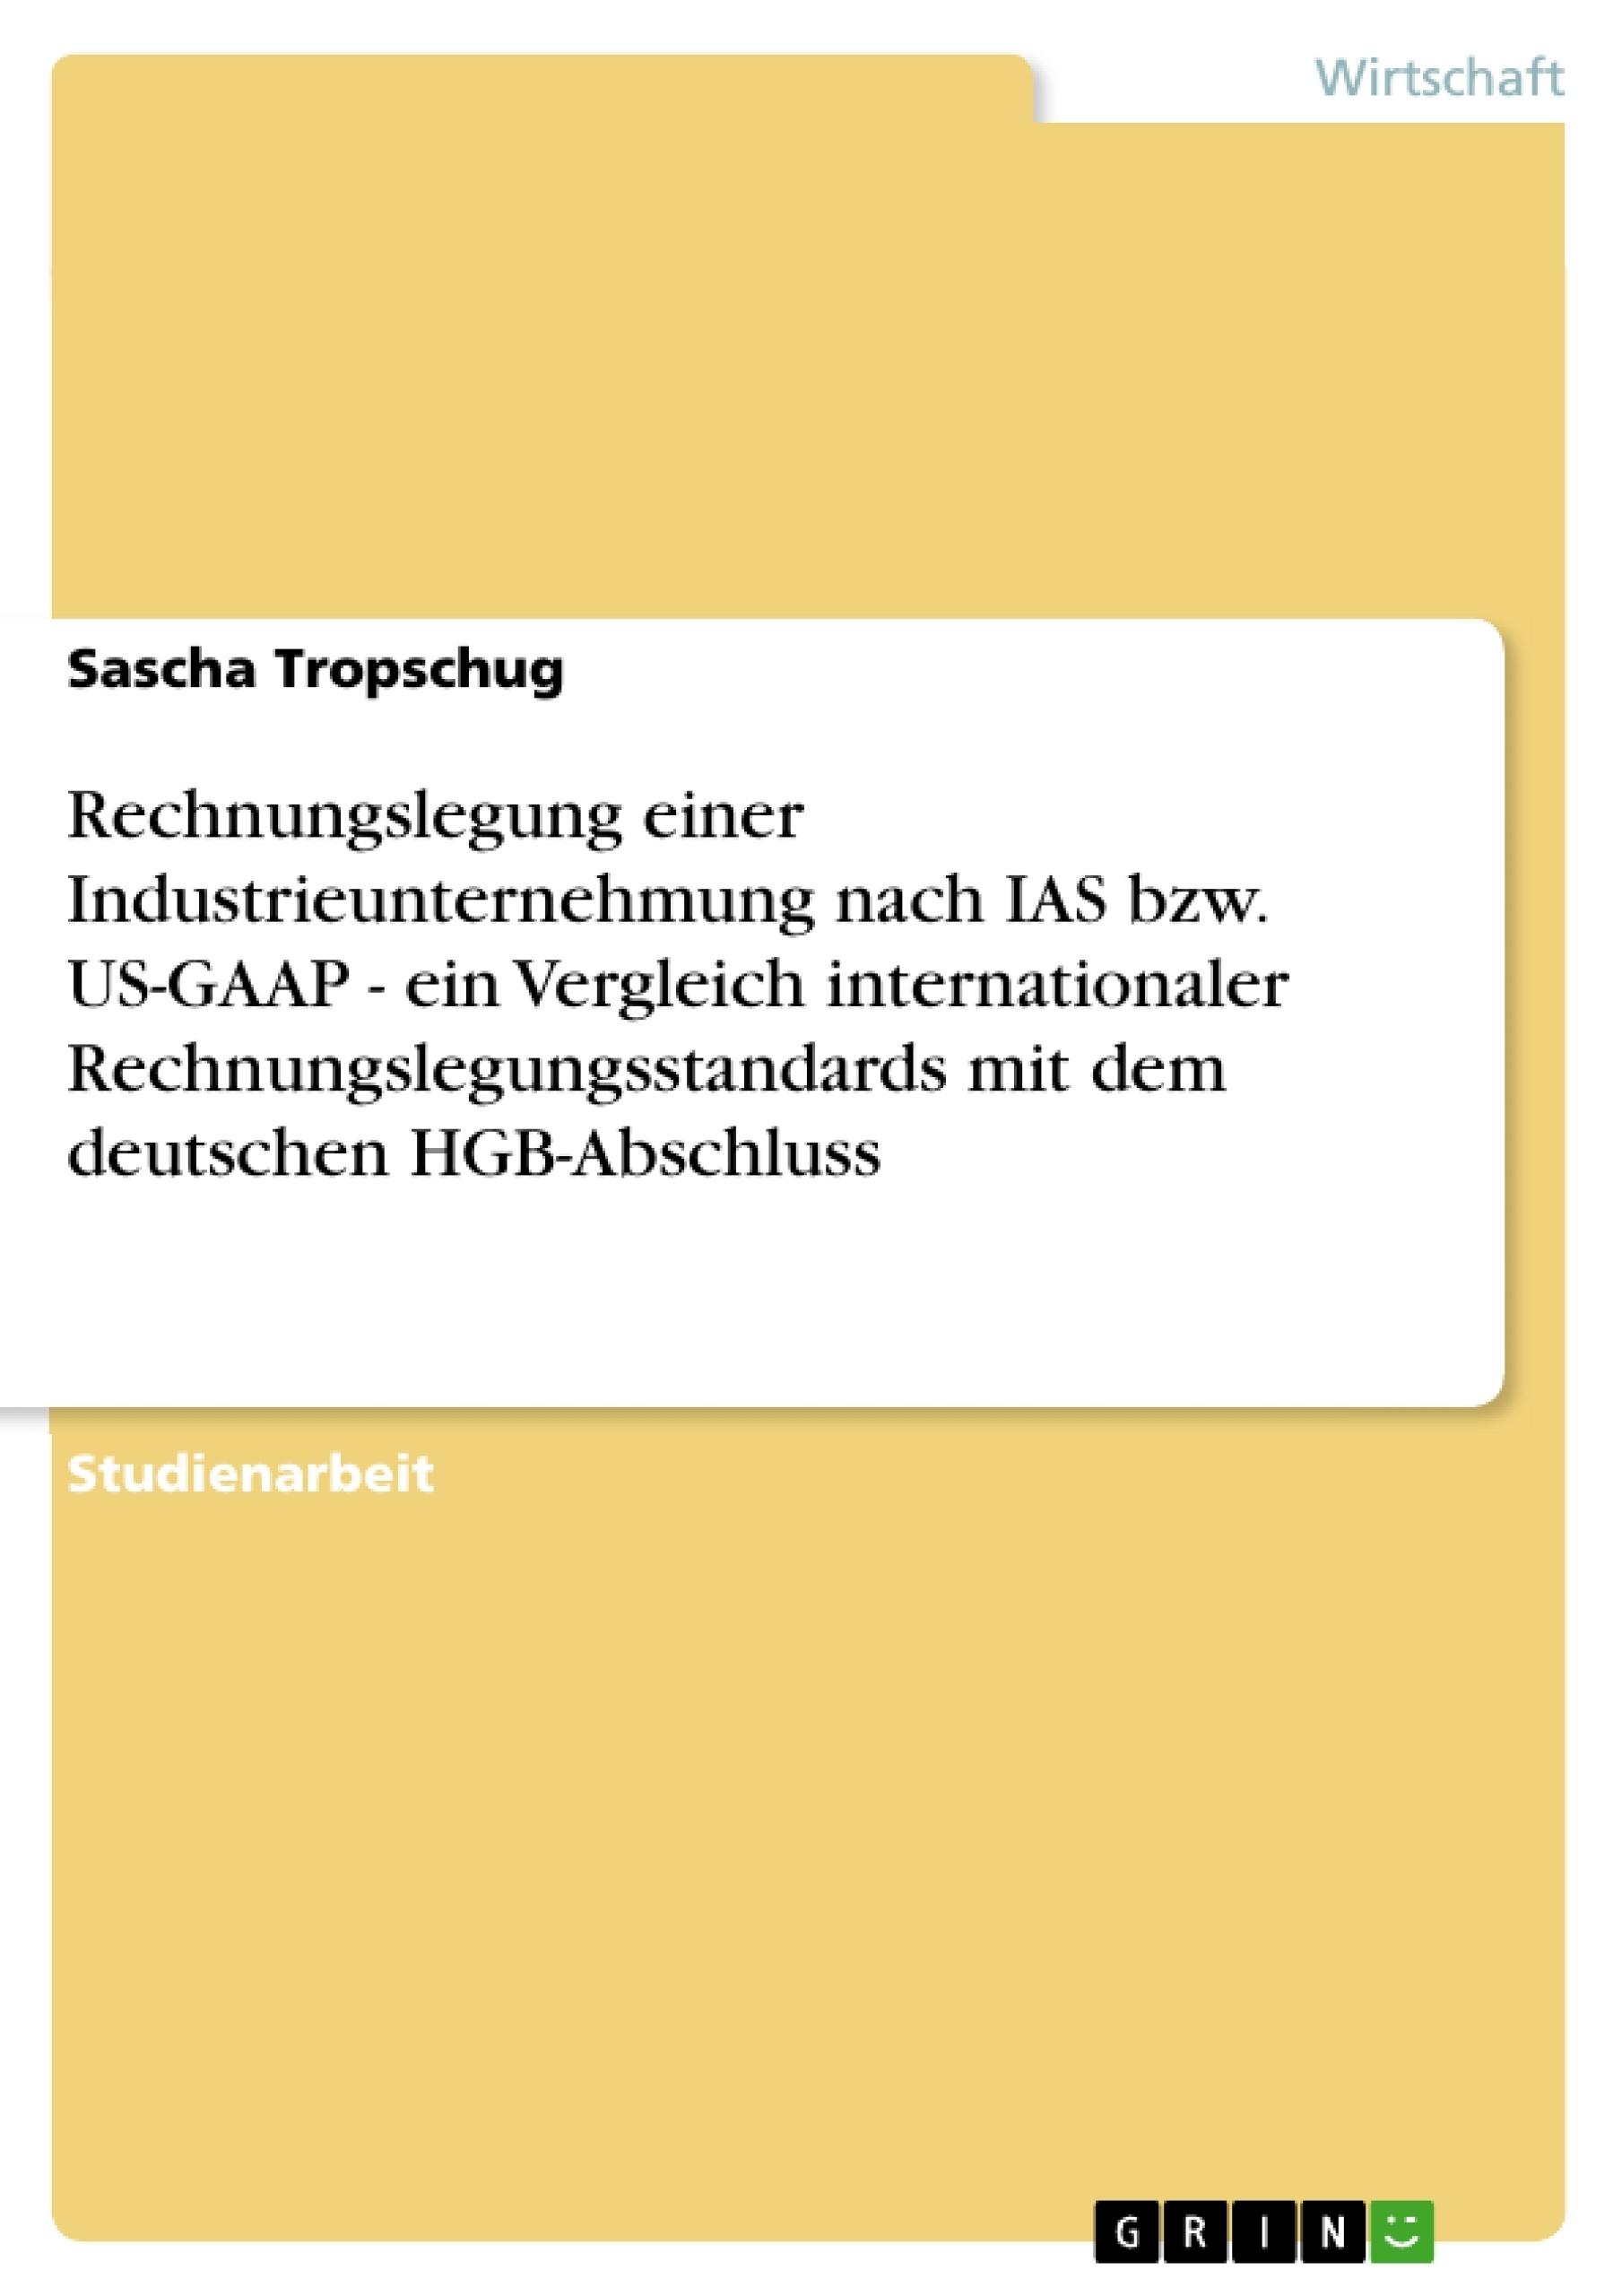 Titel: Rechnungslegung einer Industrieunternehmung nach IAS bzw. US-GAAP - ein Vergleich internationaler Rechnungslegungsstandards mit dem deutschen HGB-Abschluss